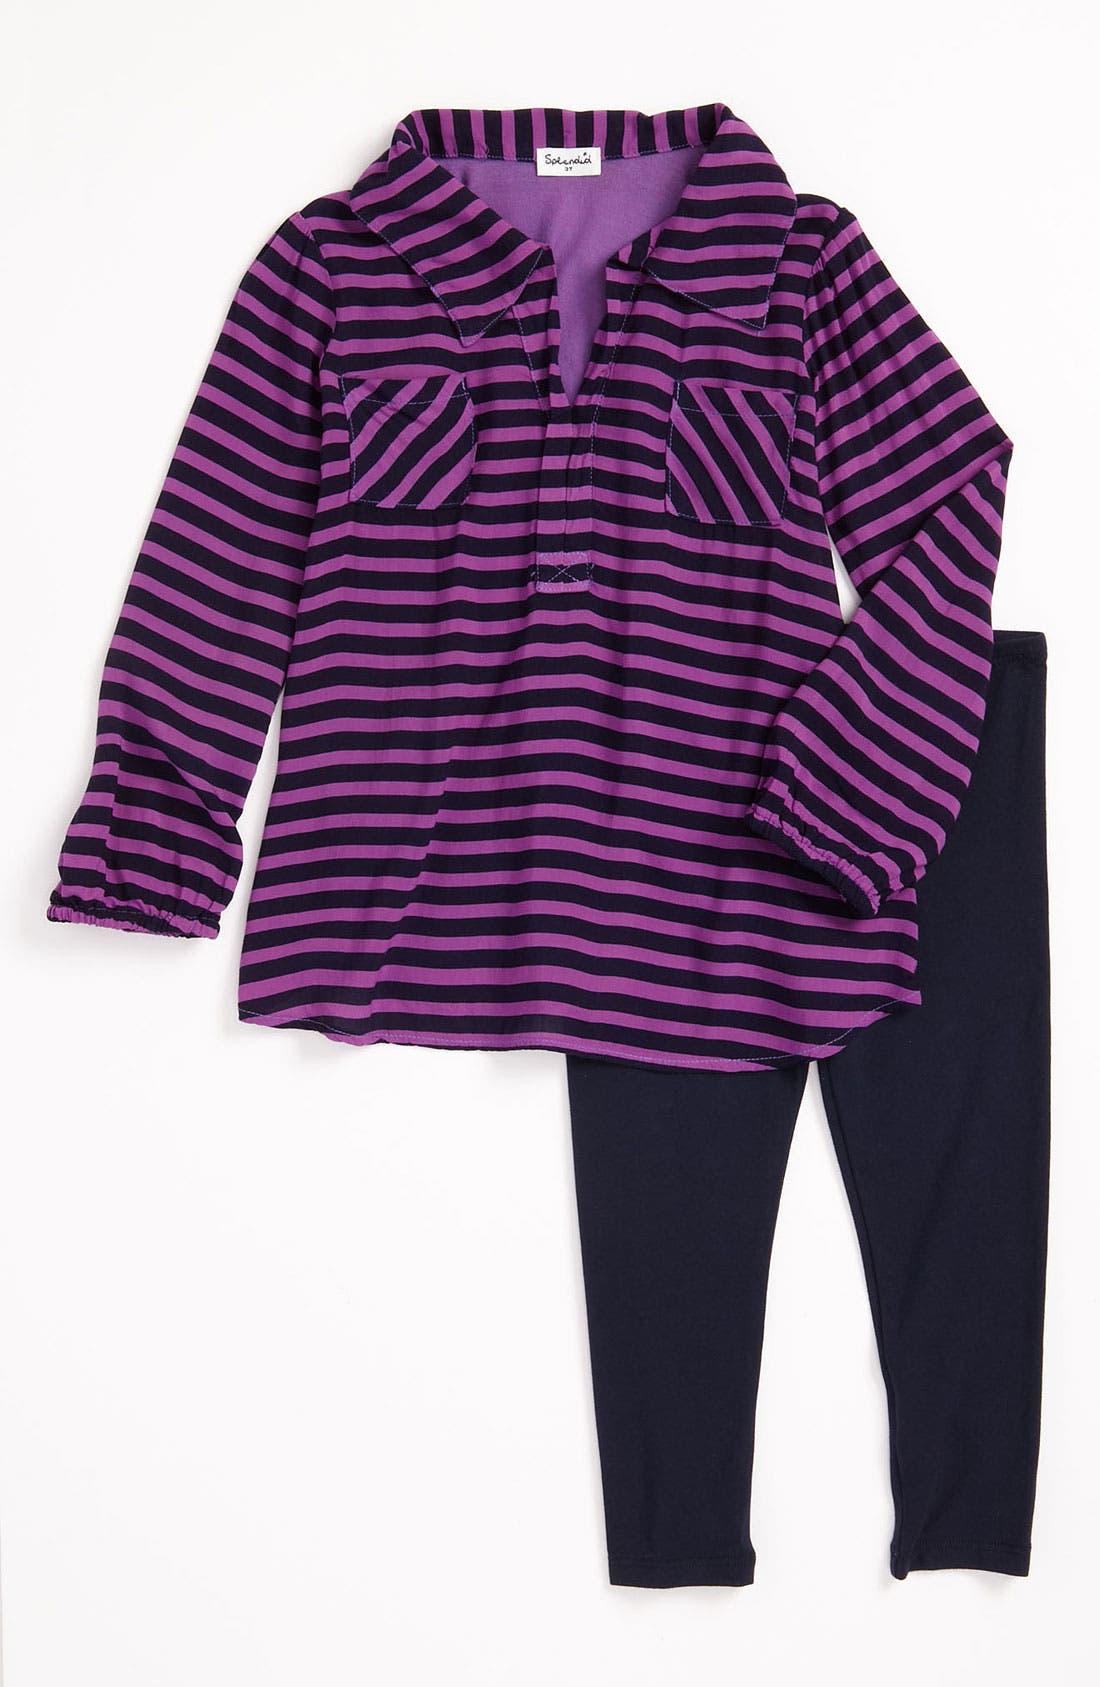 Alternate Image 1 Selected - Splendid 'Famous' Stripe Tunic & Leggings (Toddler)